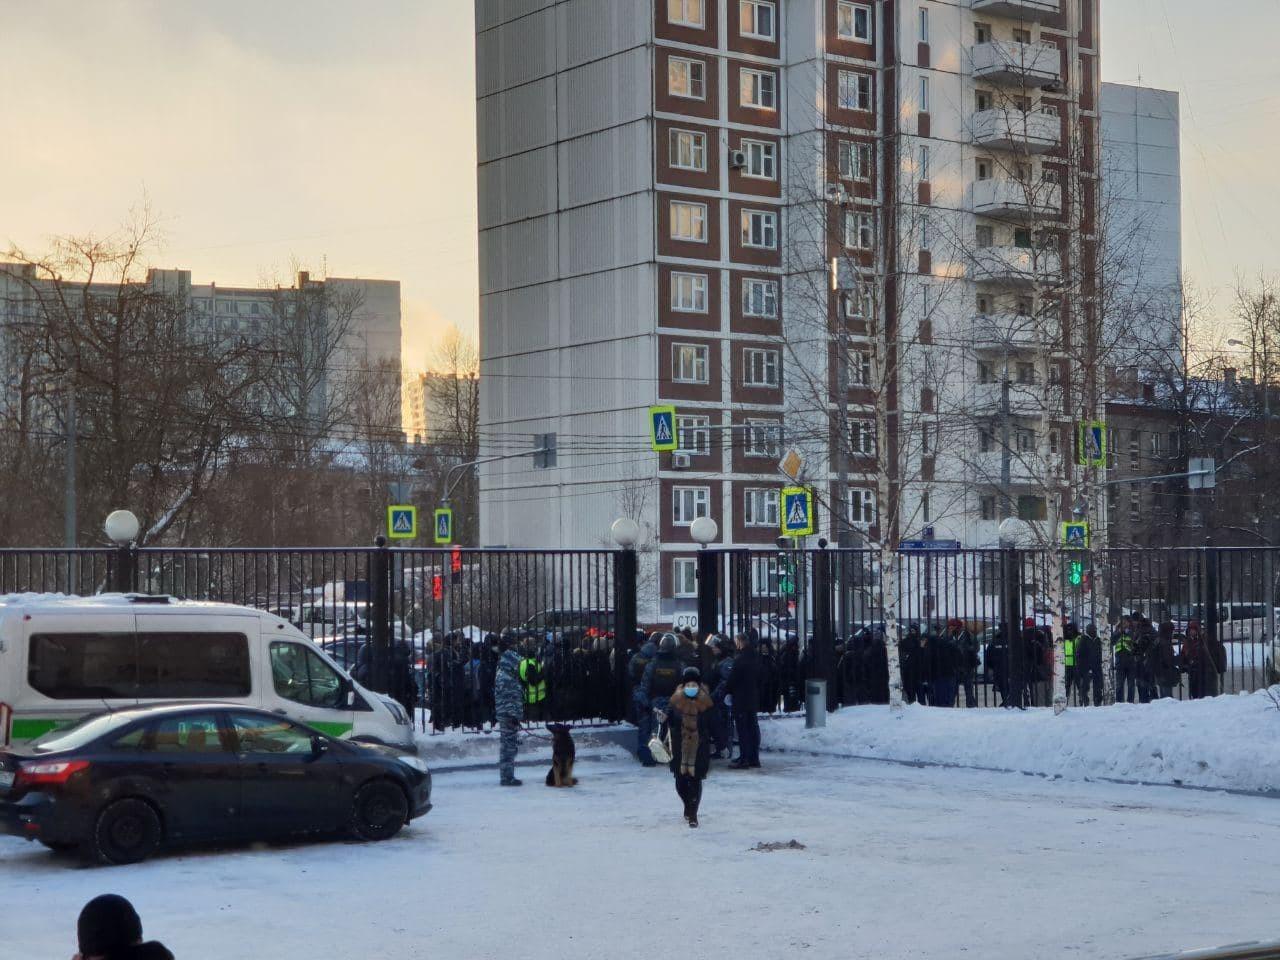 Navalny, 2. Dünya Savaşı'nda yaralanan askere söylediği sözler nedeniyle tekrar hakim karşısında